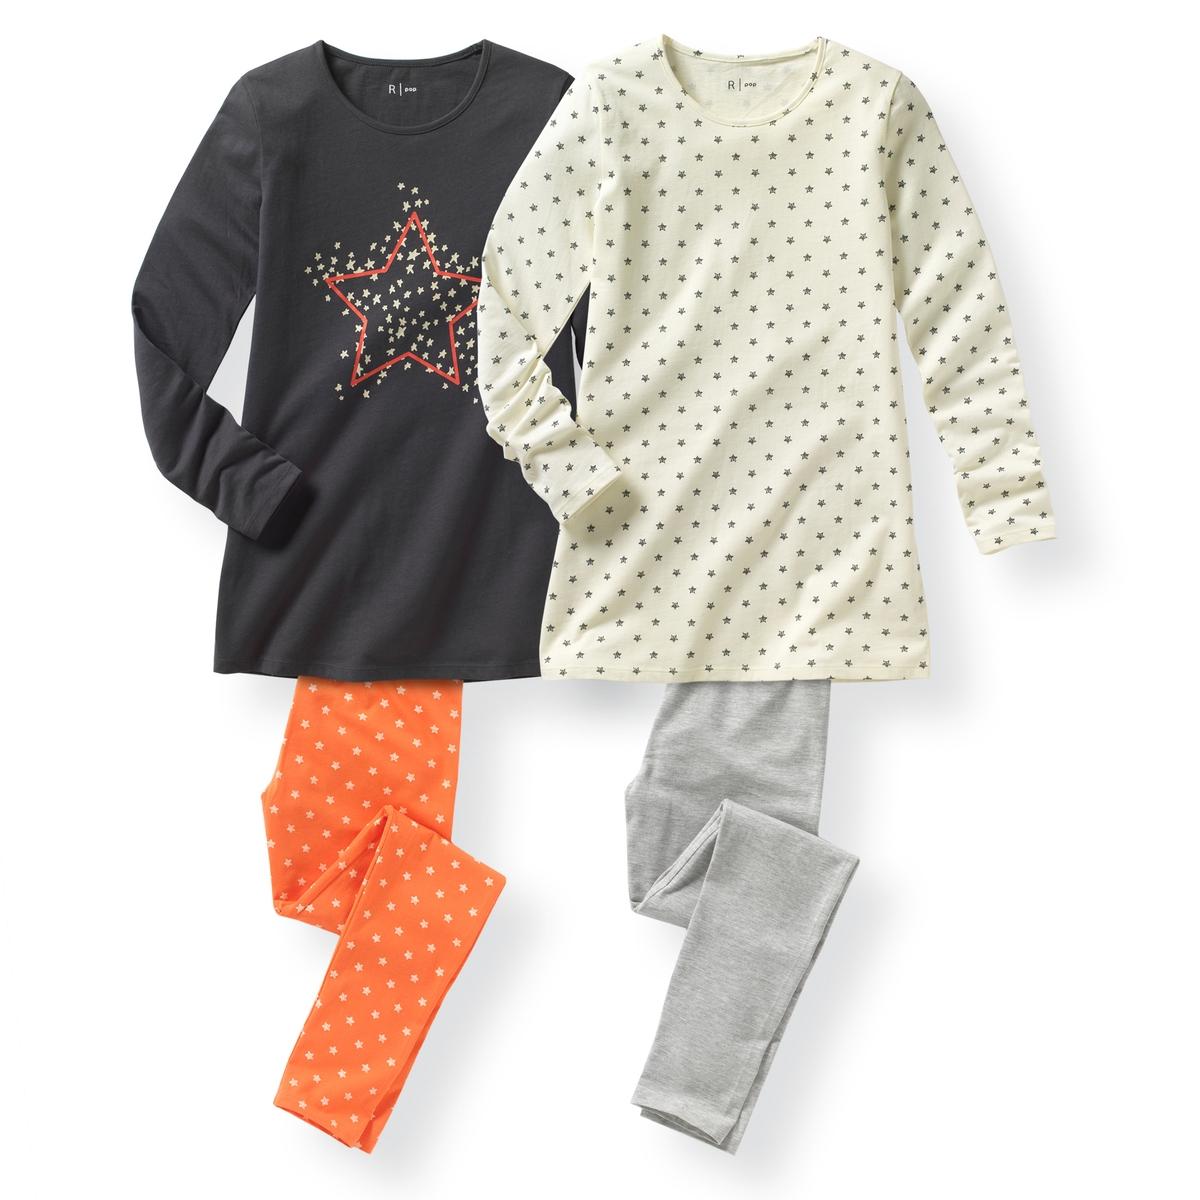 Комплект из 2 пижам с рисунком из джерси, 10-16 лет